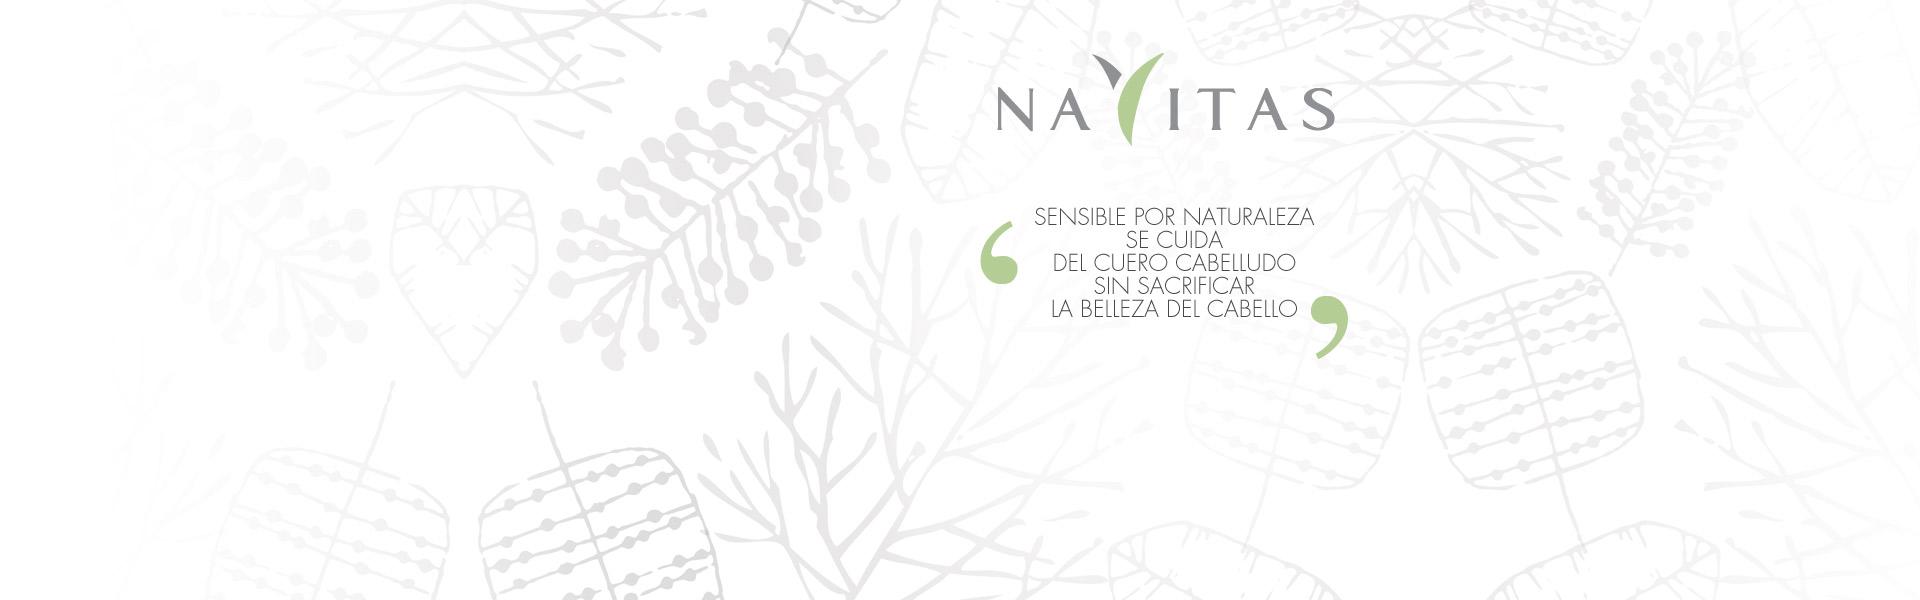 navitas_ES